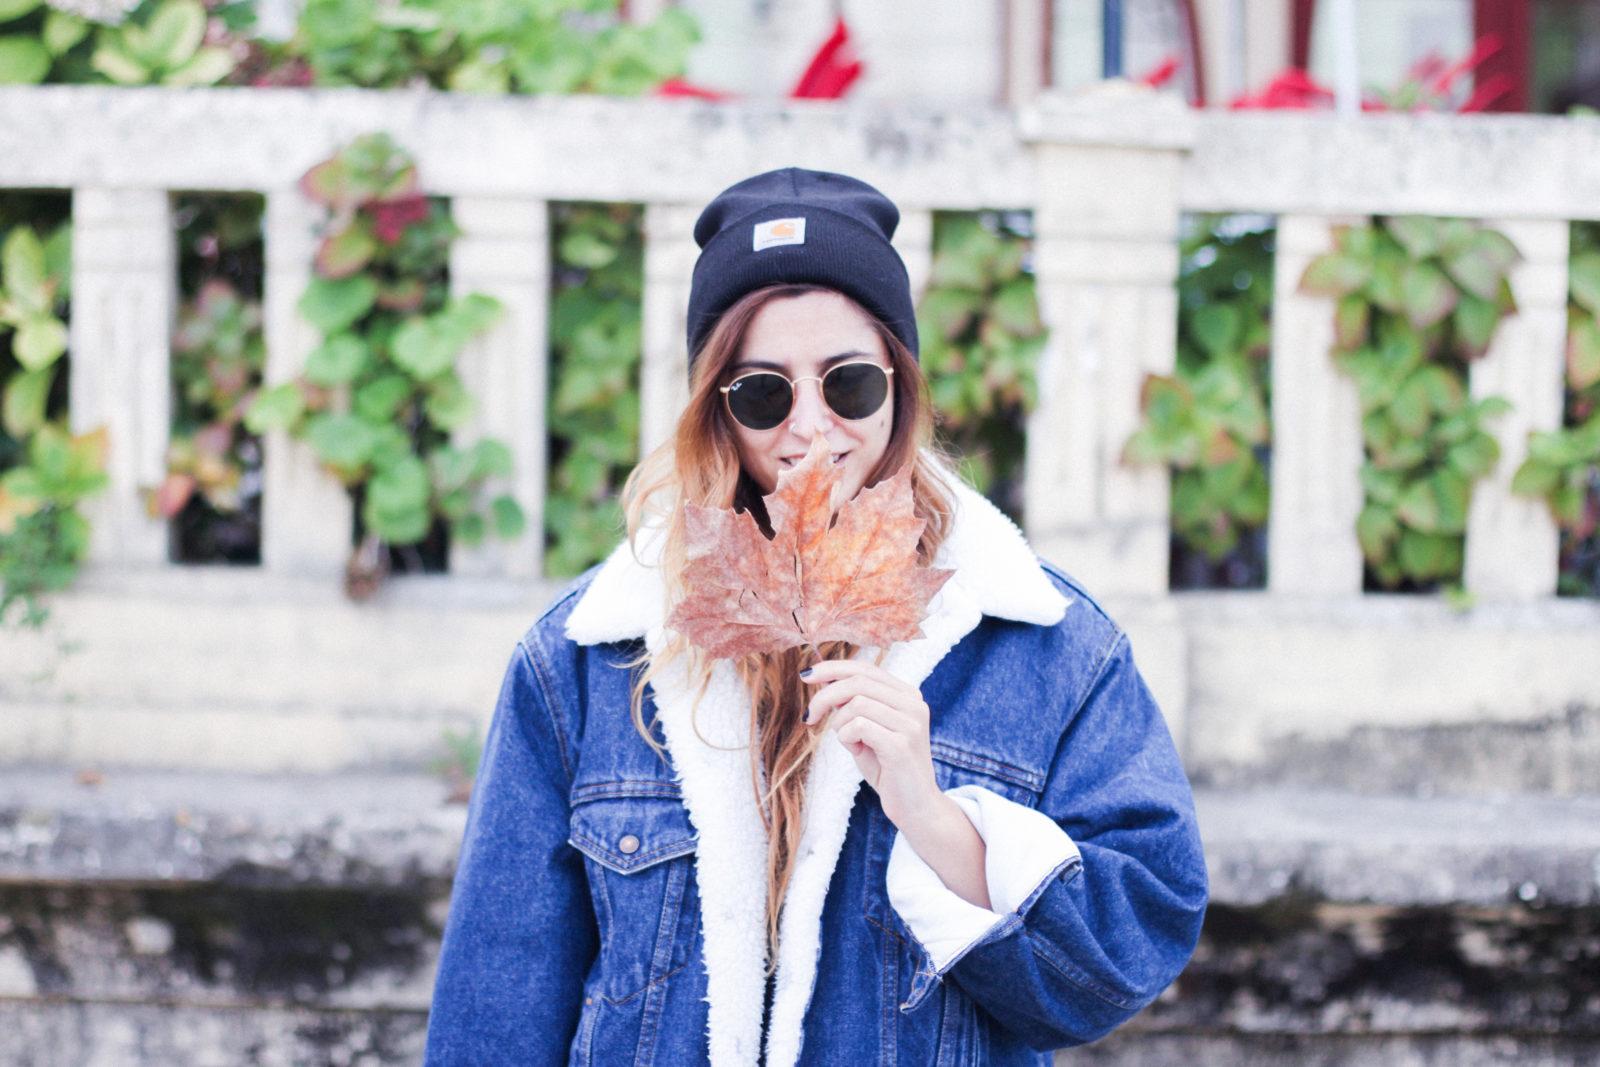 cazadora_vaquera_de_borreguillo_levis_vintage_golden_goose_gorrito_beanie_tendencias_2016_fall_trends_street_style_choker_donkeycool-2